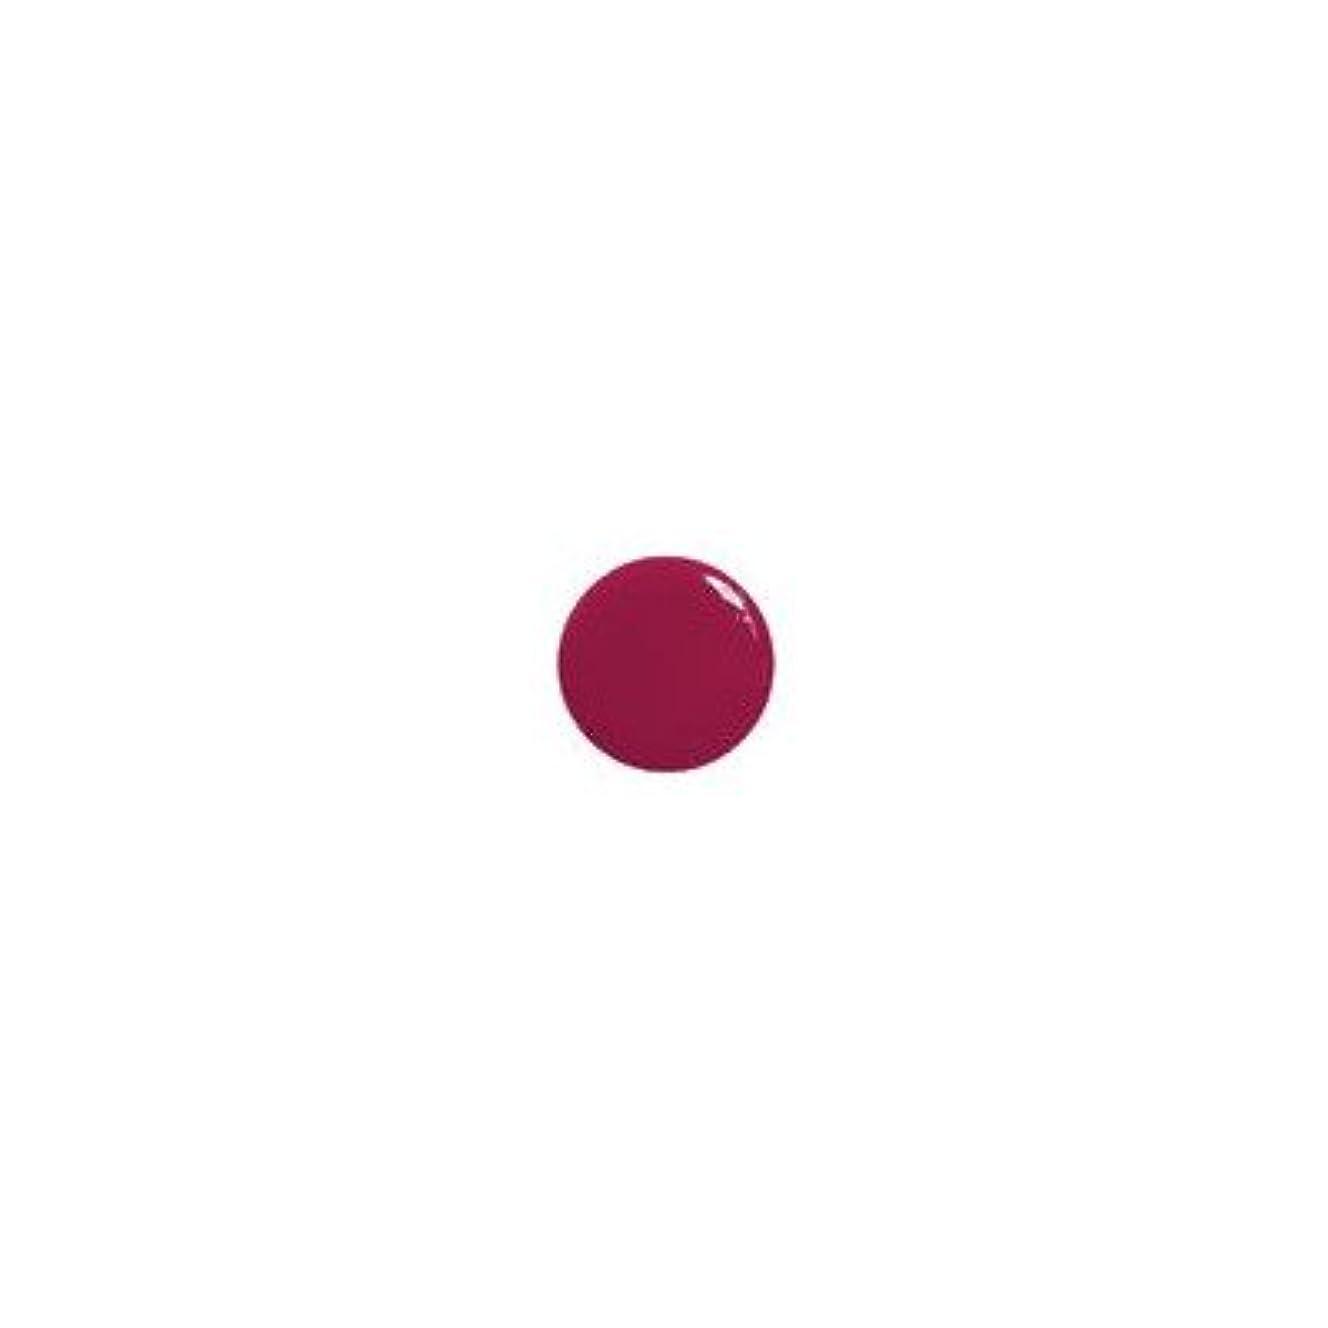 確かめる手当古風なジェレレーション カラー485Cブラシングプリンセス